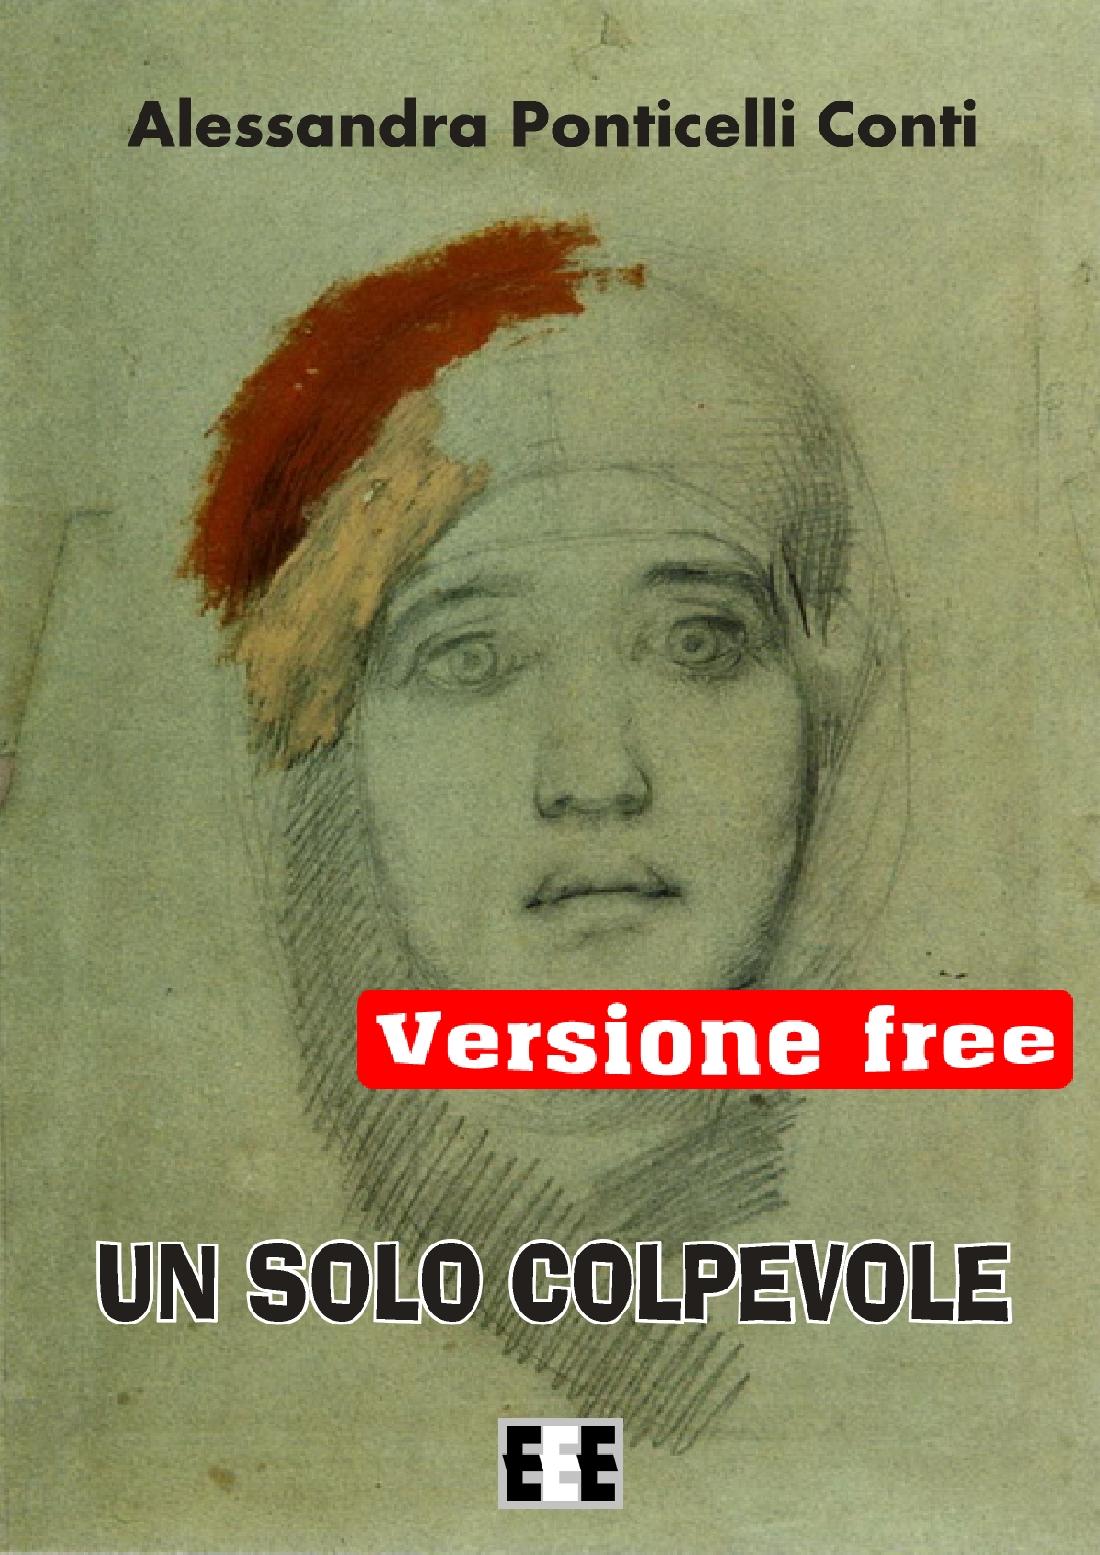 Solo_colpevole_FREE